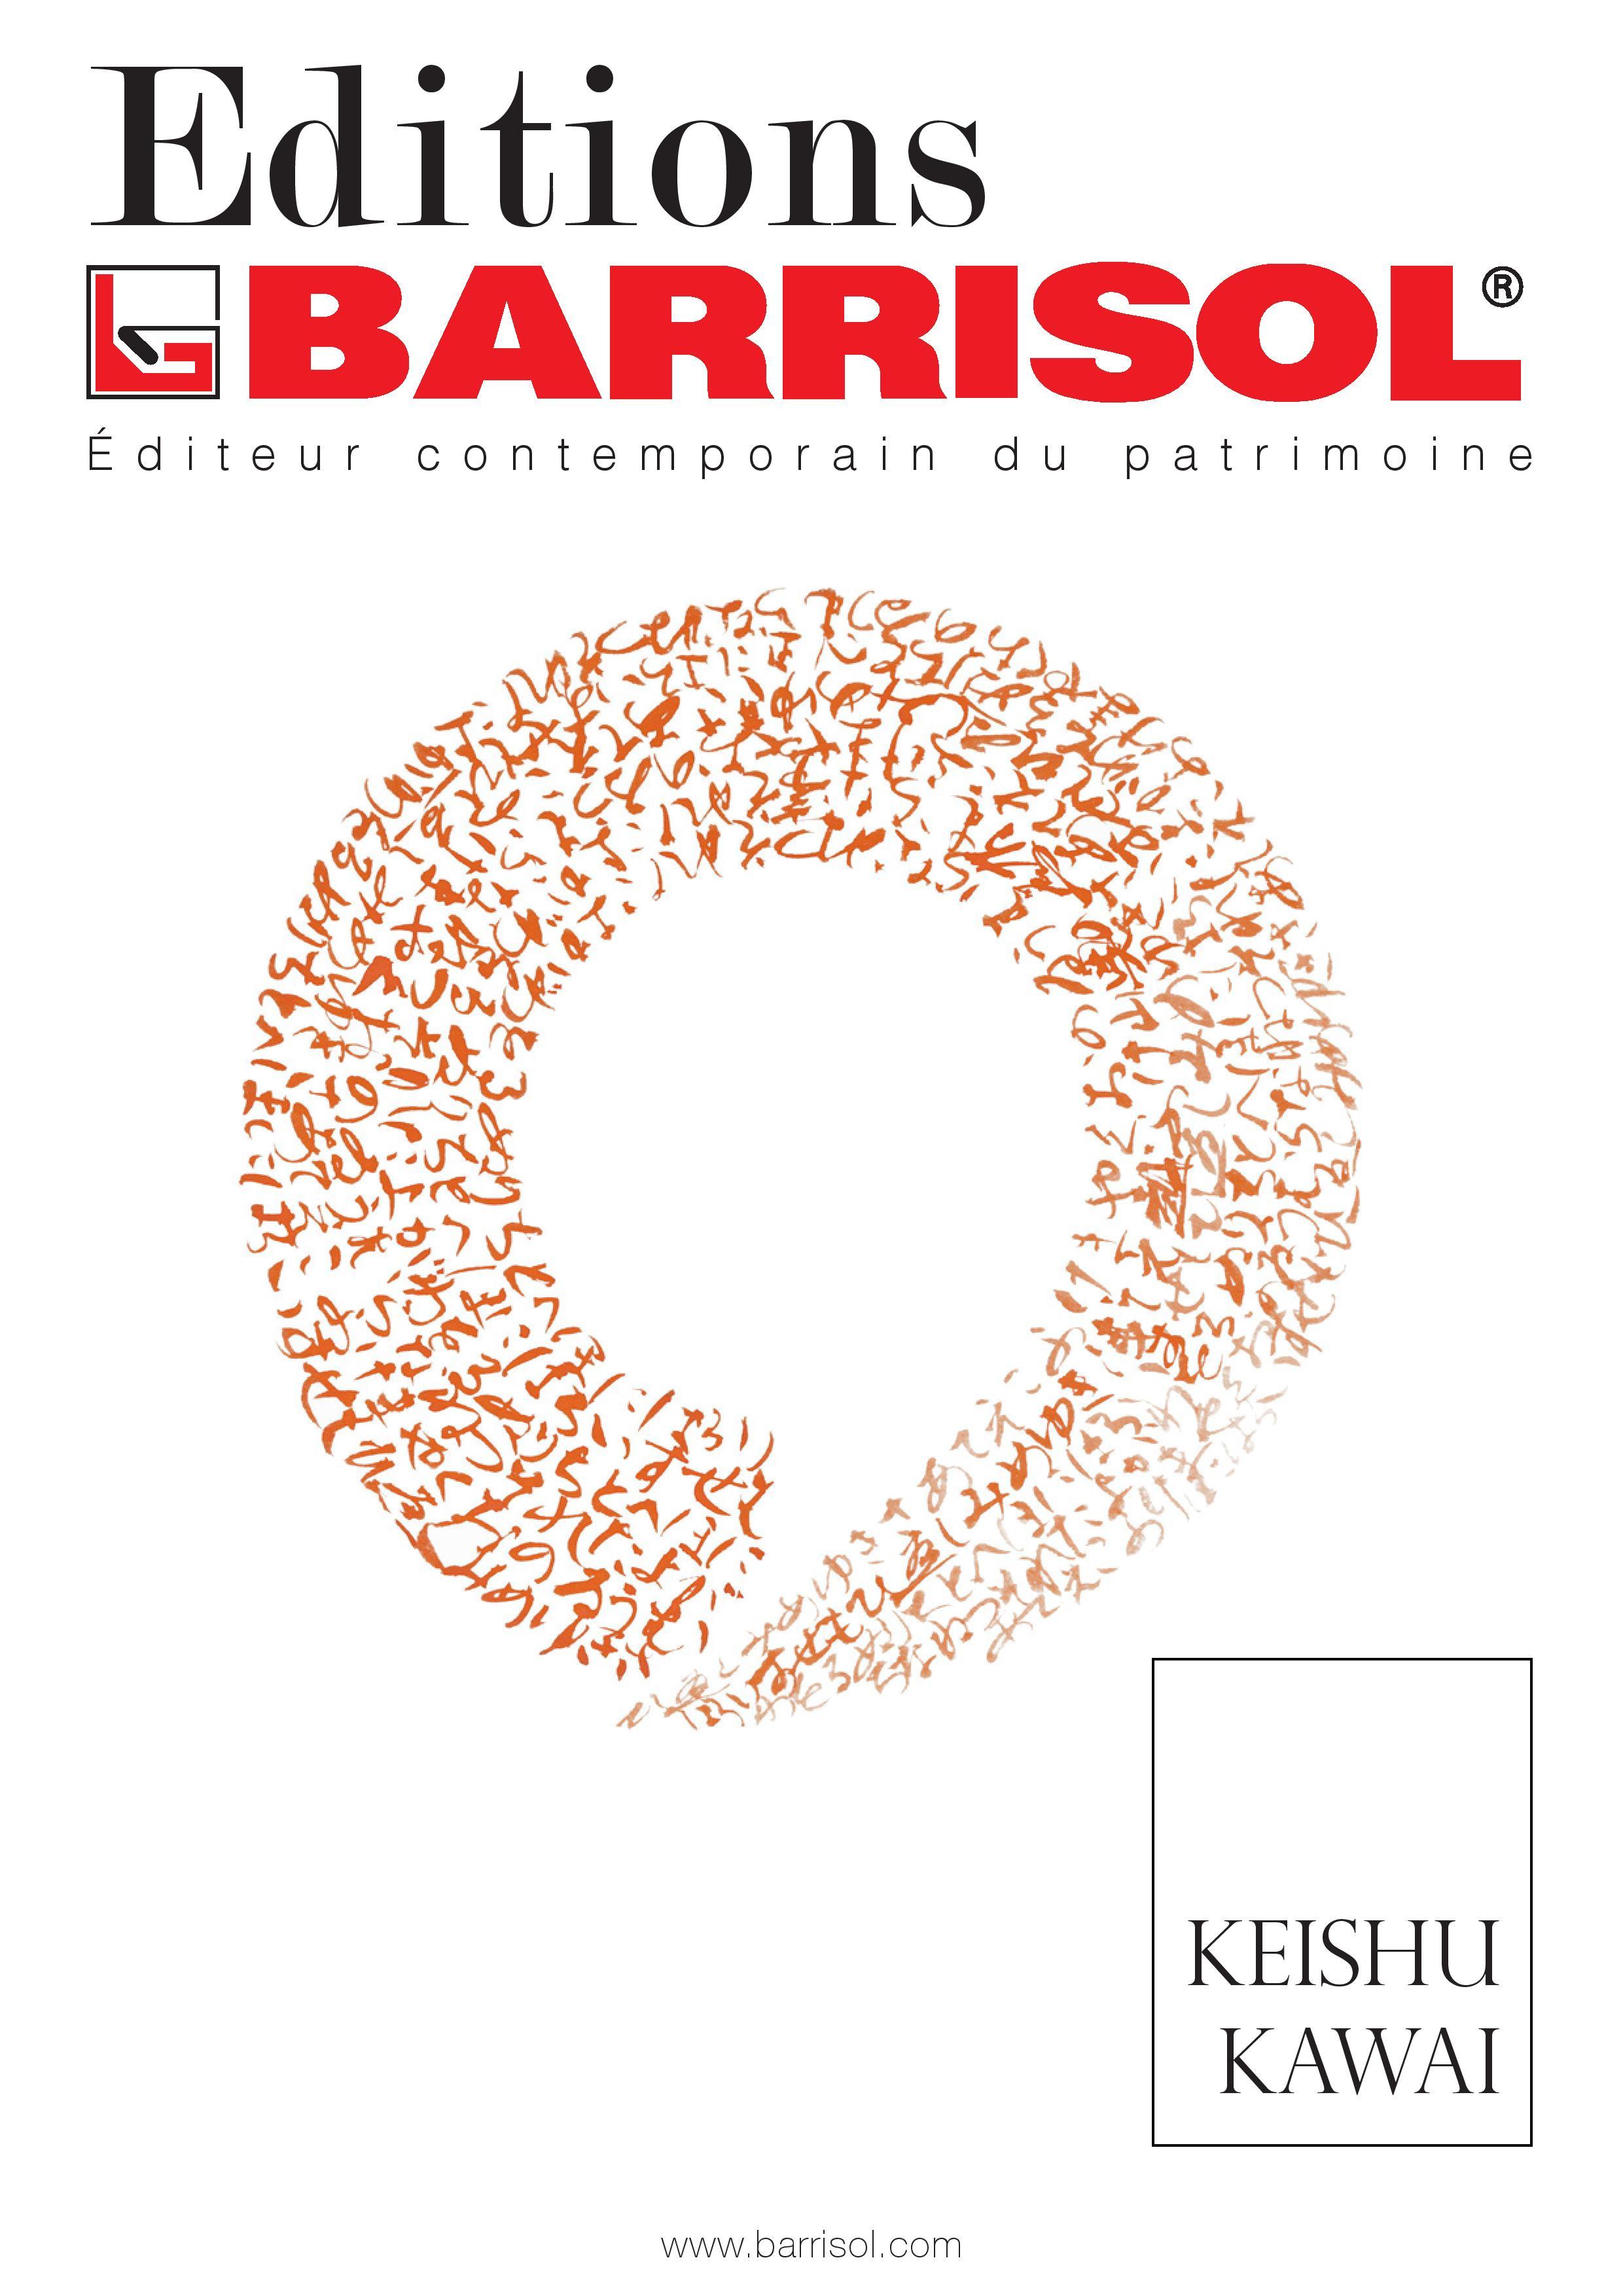 Editions BARRISOL - Brochure Keishu Kawai